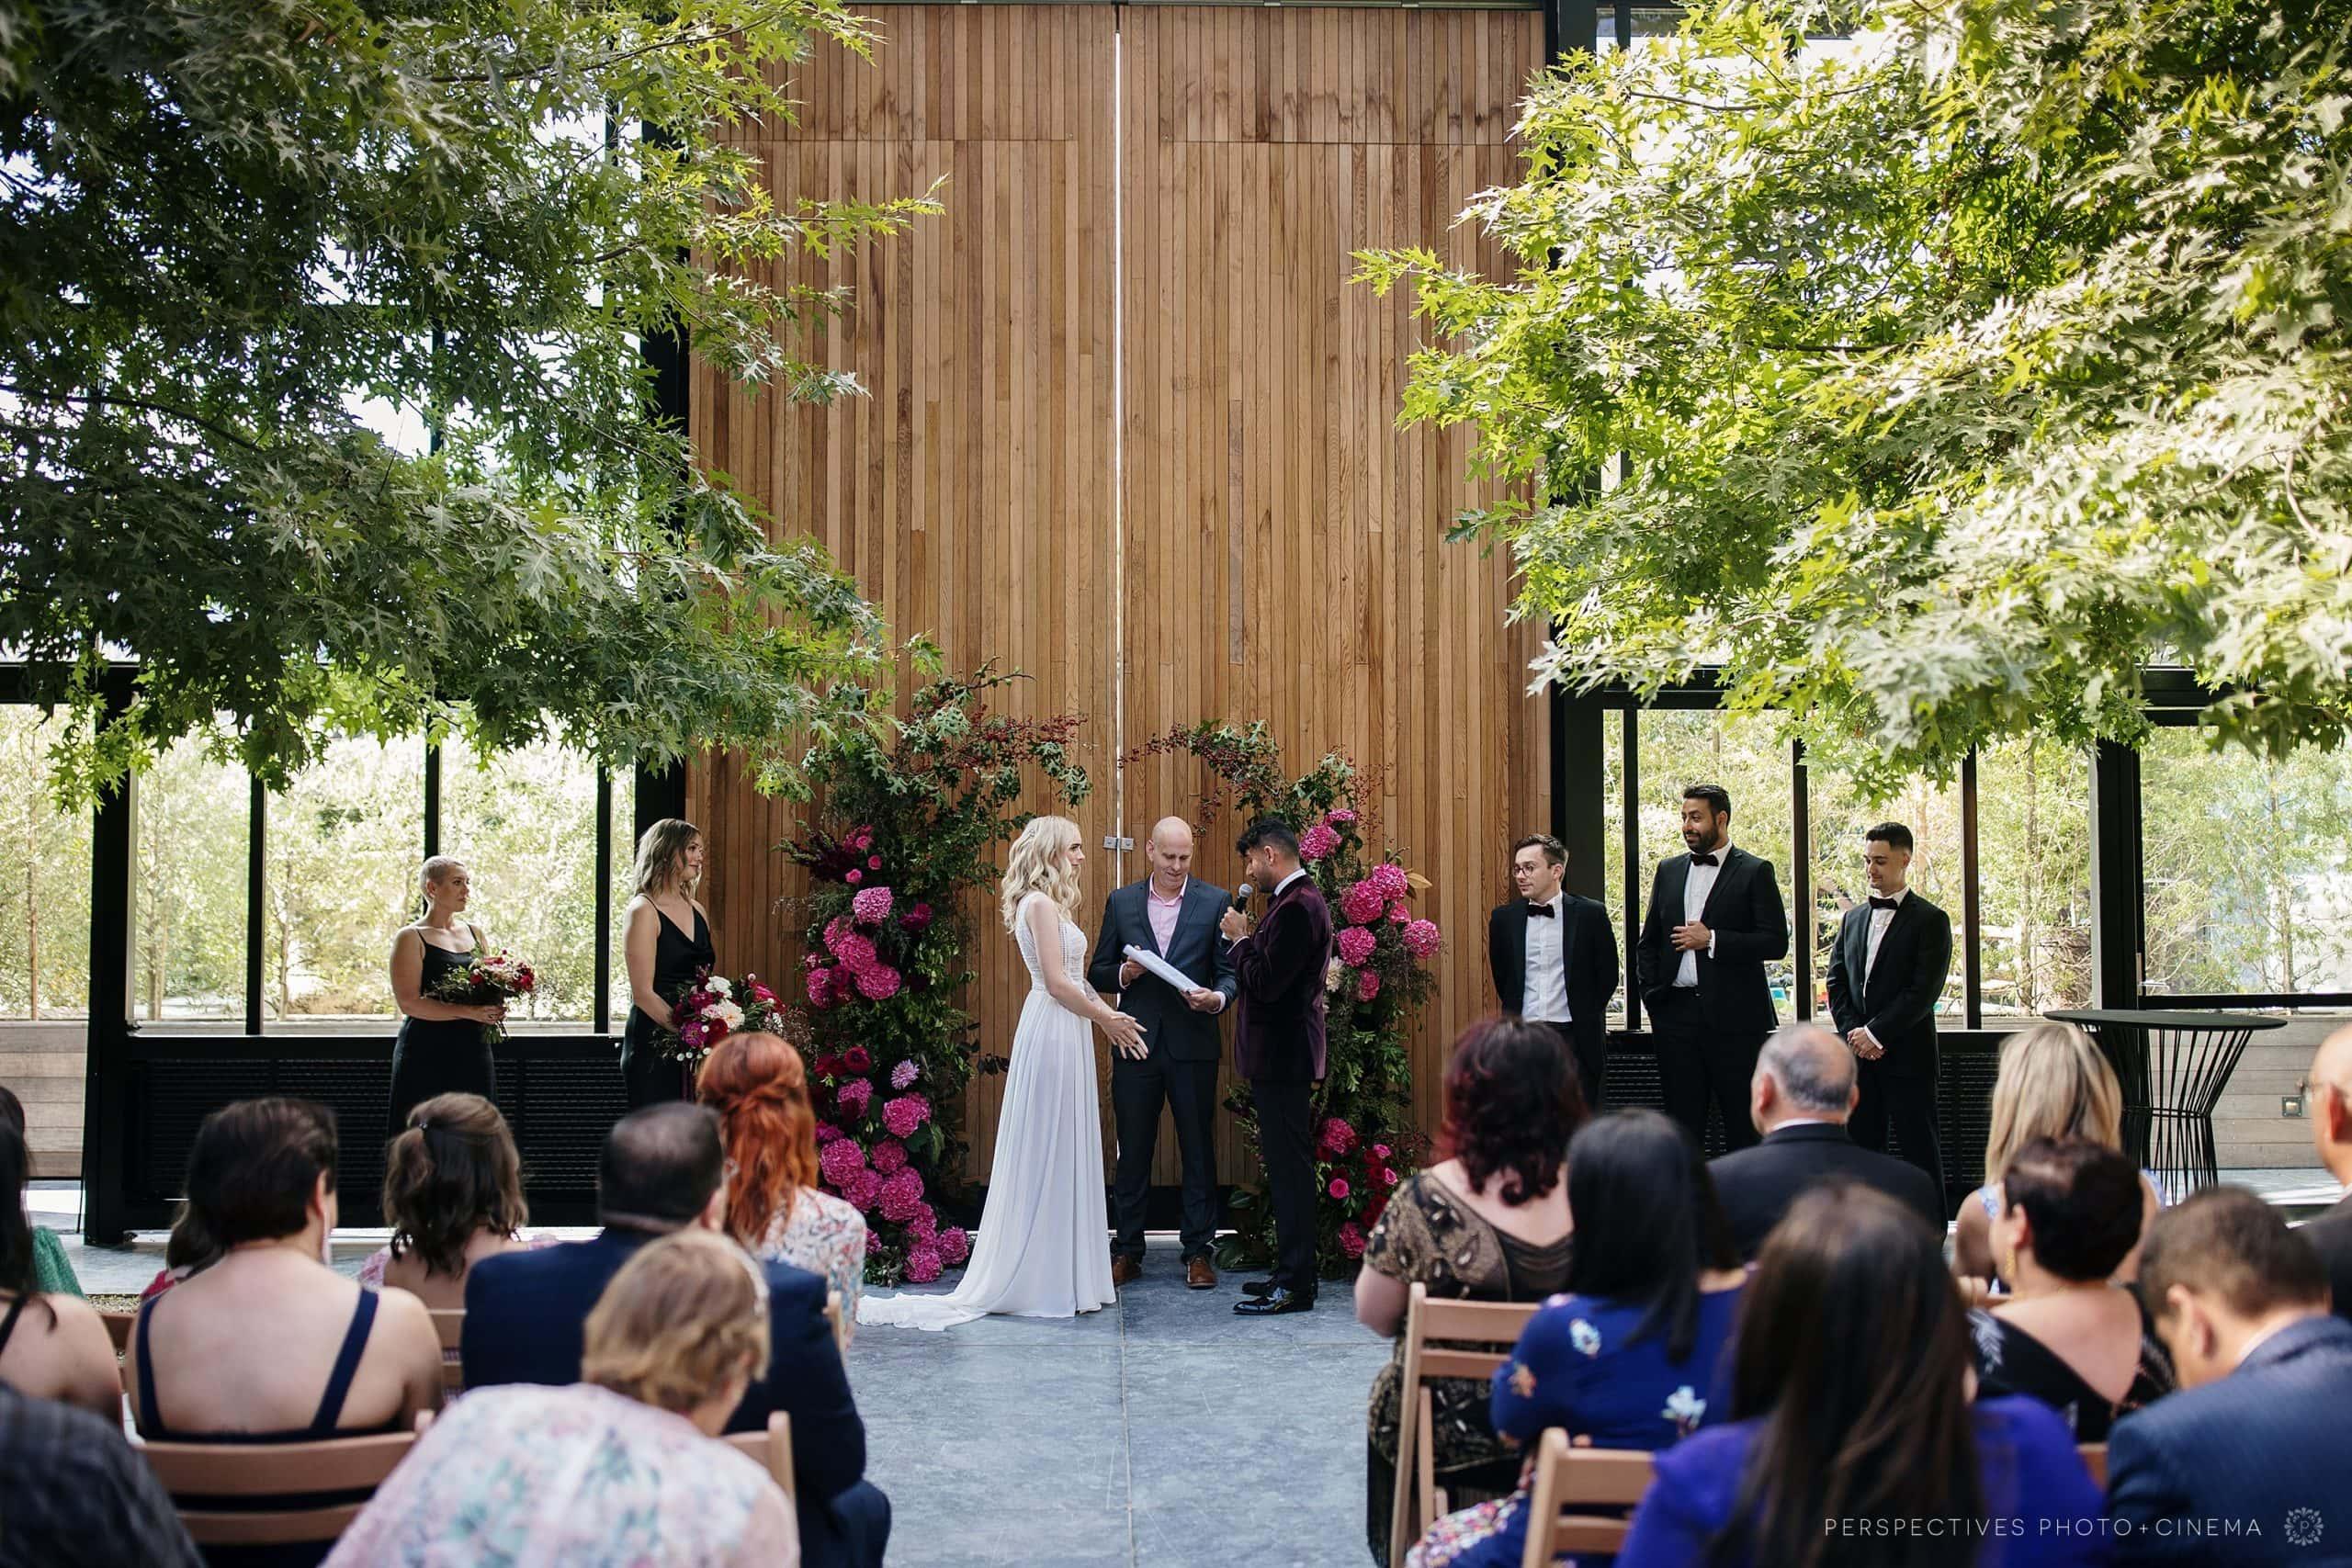 Glasshouse morningside wedding ceremony